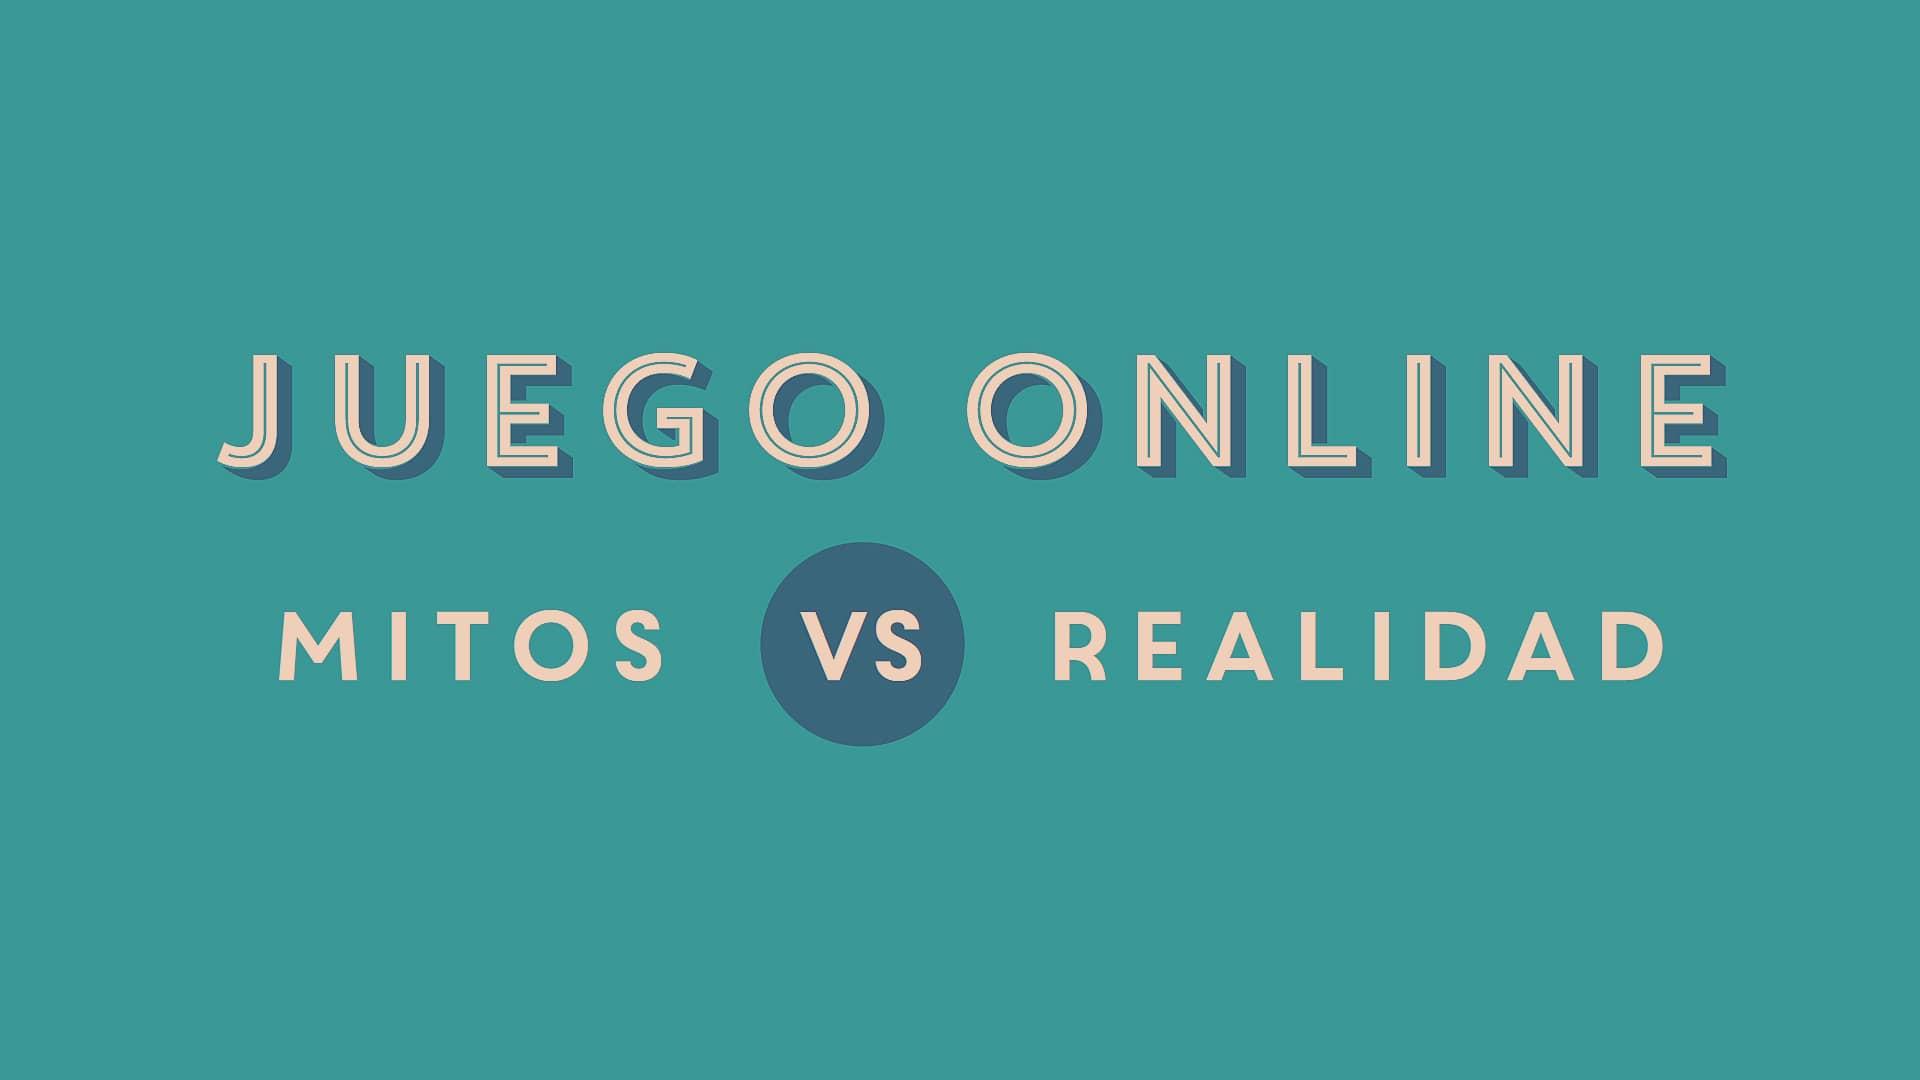 JuegoESreponsable rebate mitos en torno al juego online